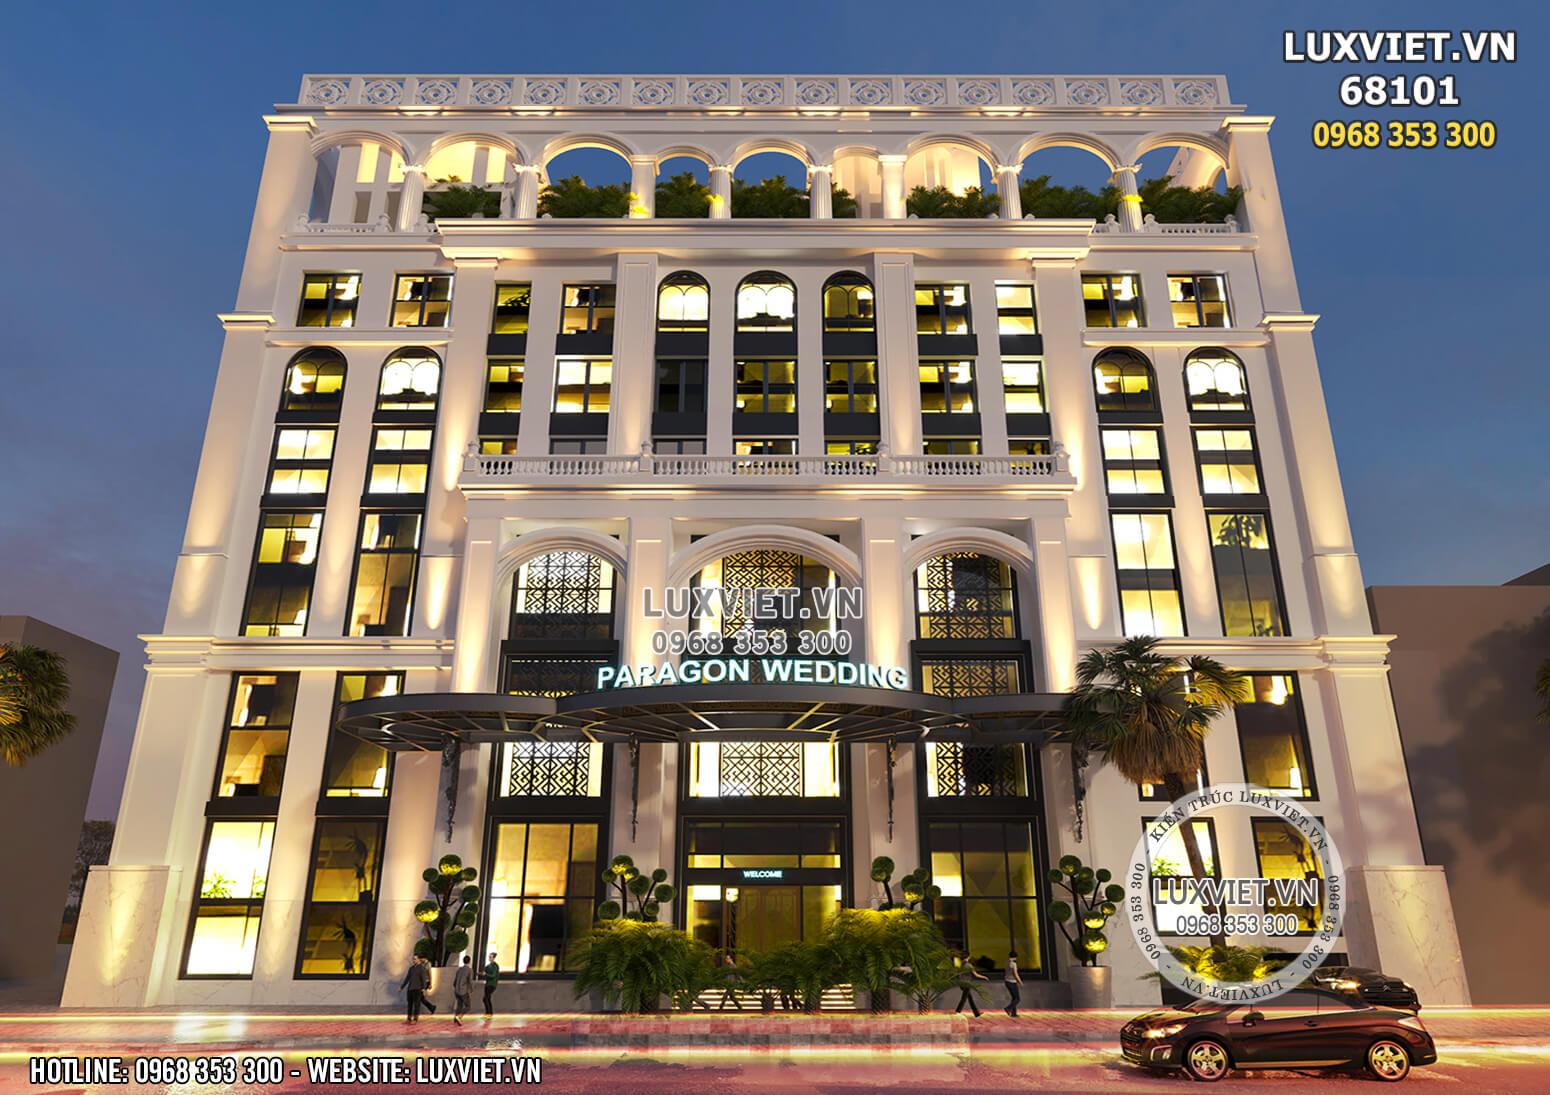 Hình ảnh: Không gian ngoại thất của mẫu thiết kế khách sạn 4 sao tân cổ điển